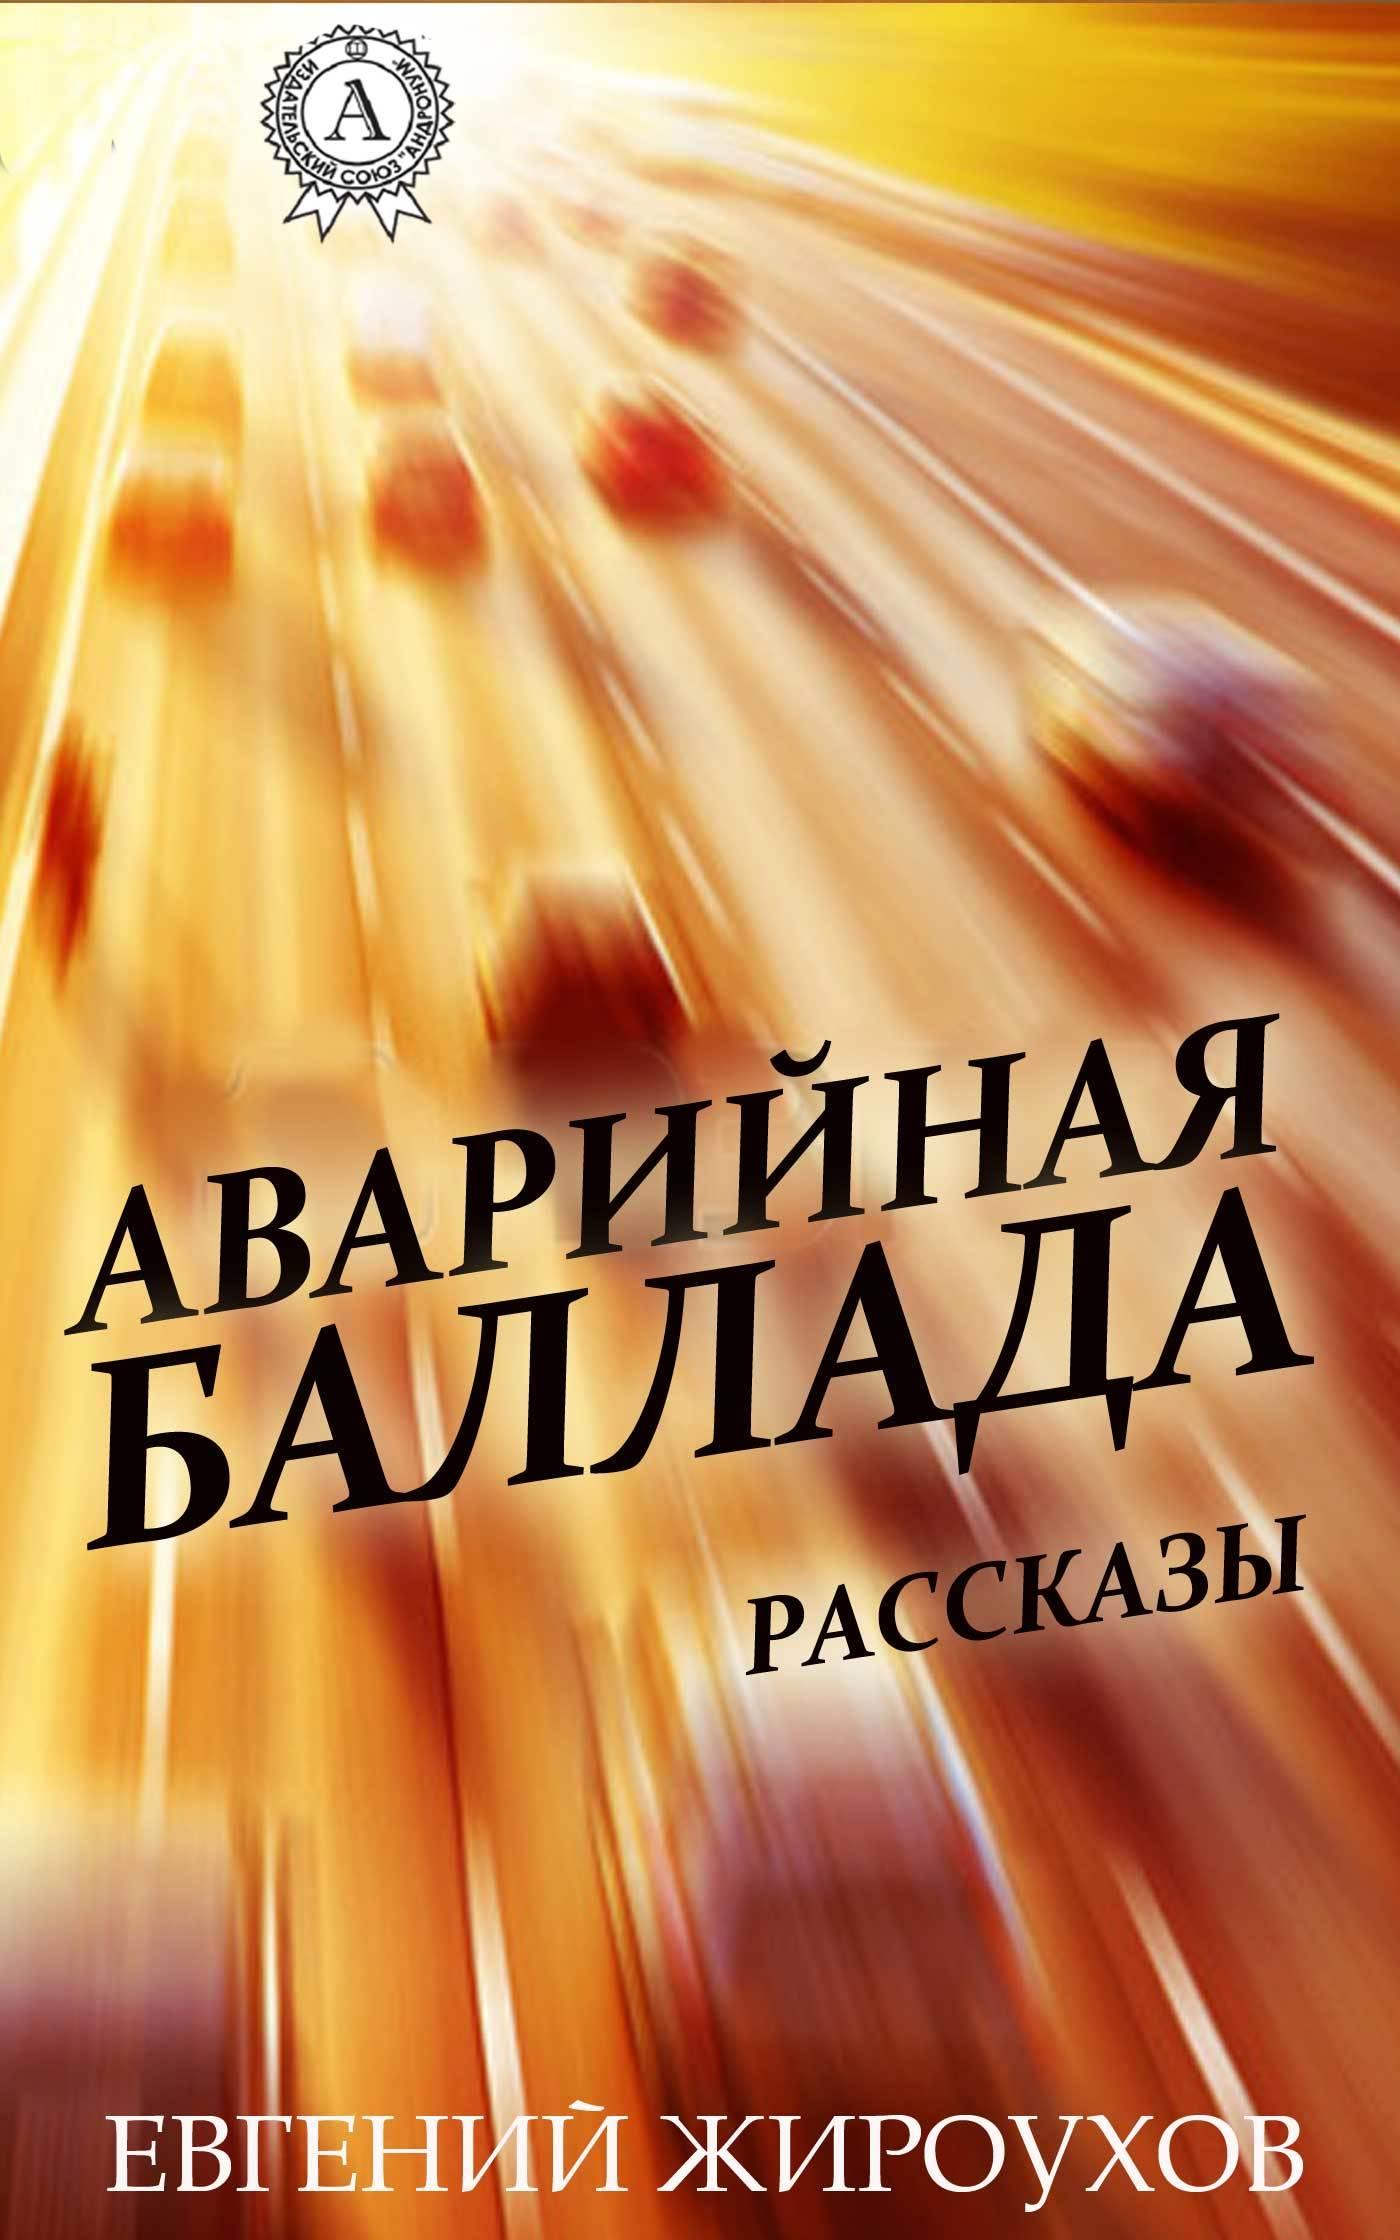 Евгений Жироухов бесплатно